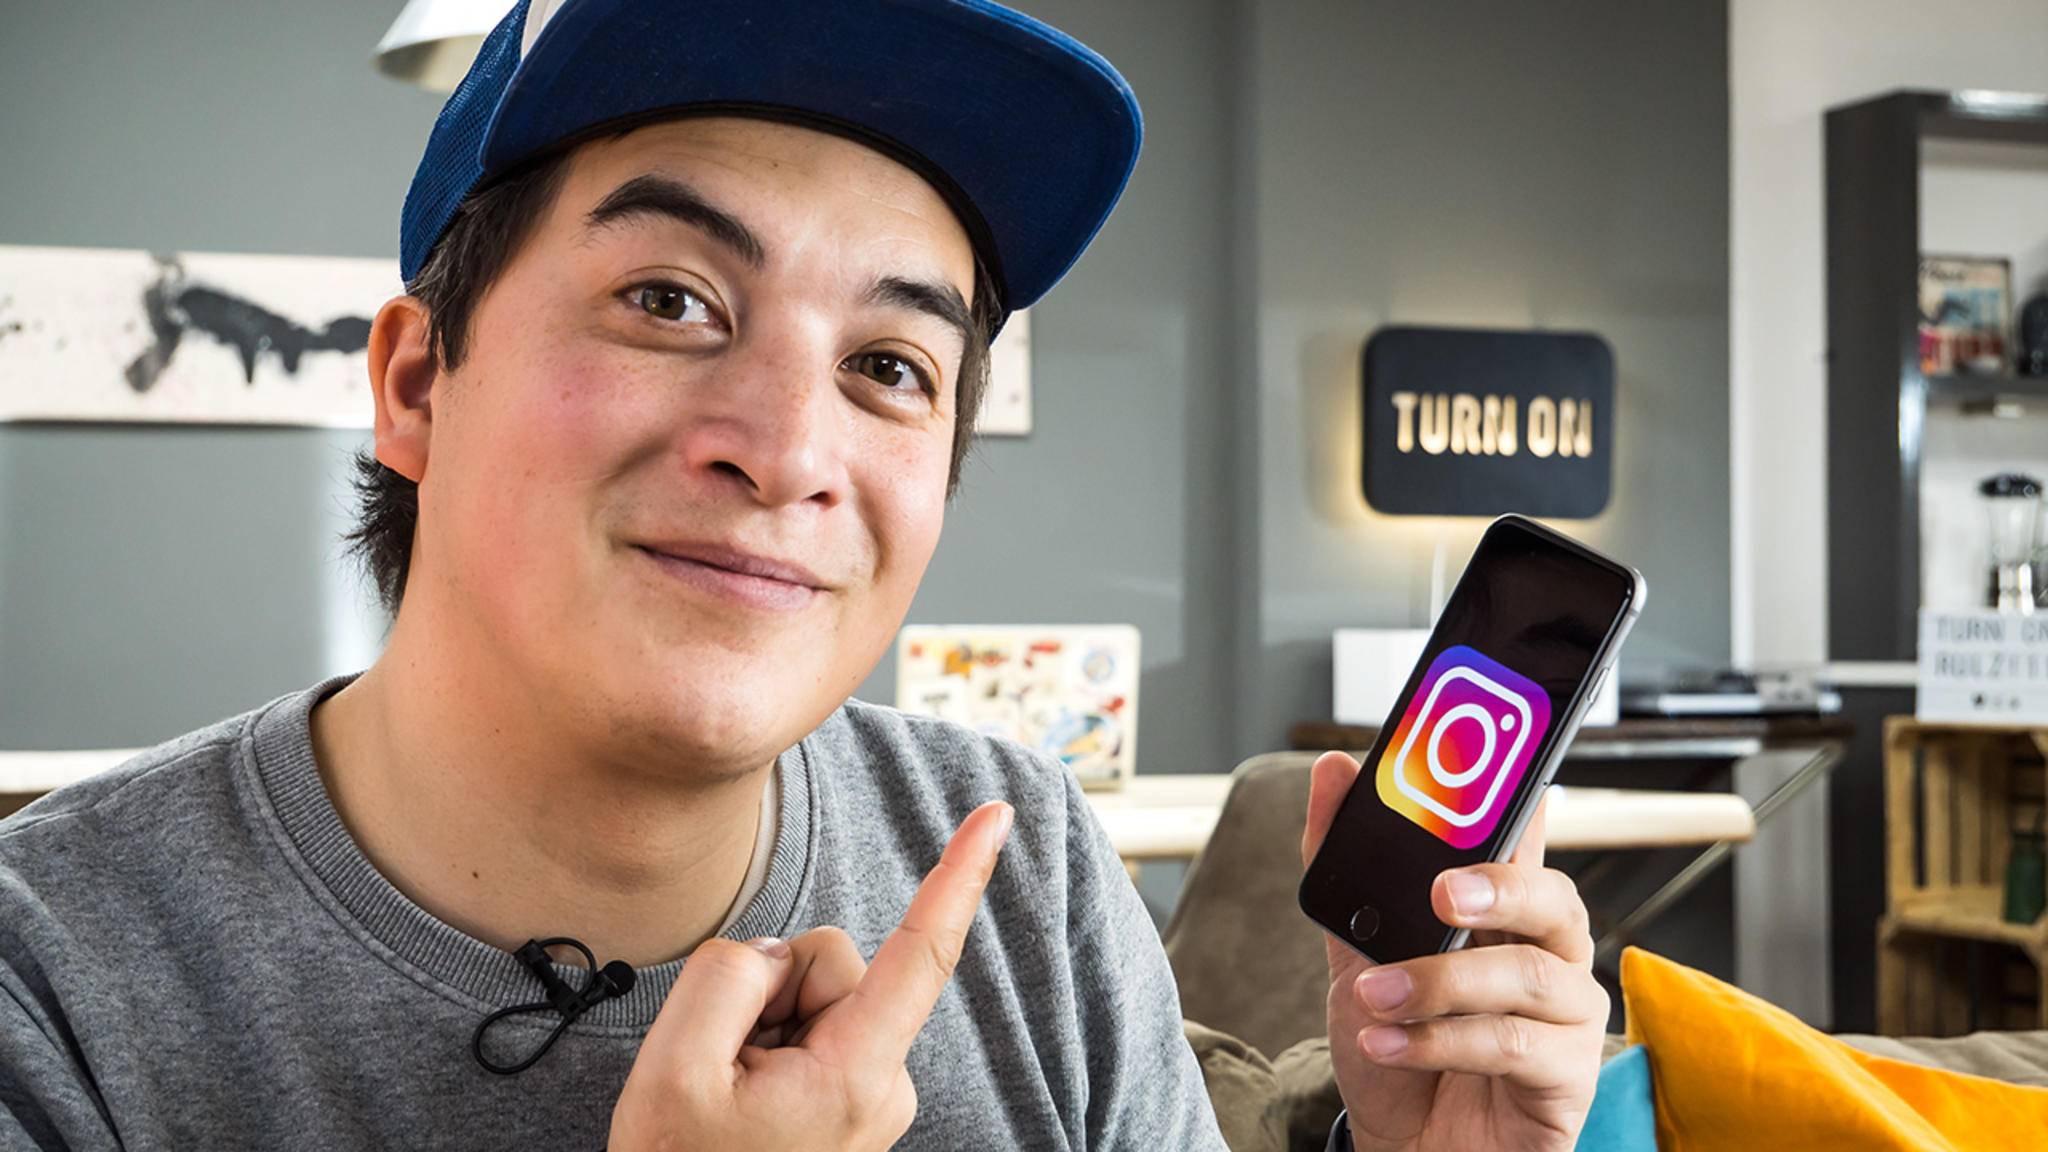 Wir nutzen Instagram unter anderem für tolle Fotos von neuen Gadgets.